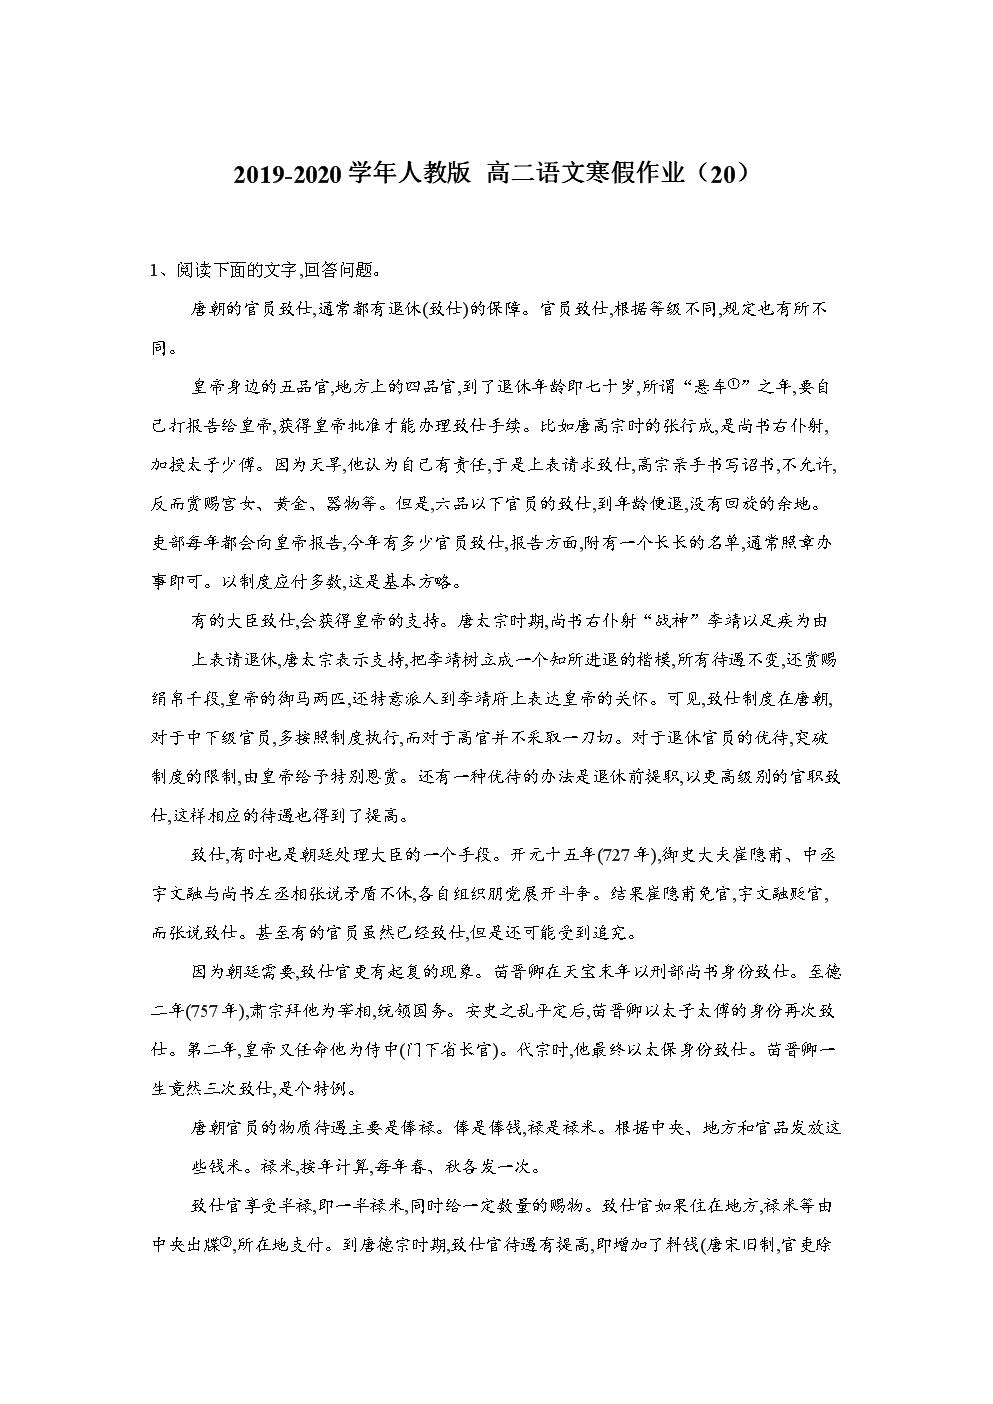 2019-2020学年人教版 高二语文寒假作业(20) Word版含答案.doc